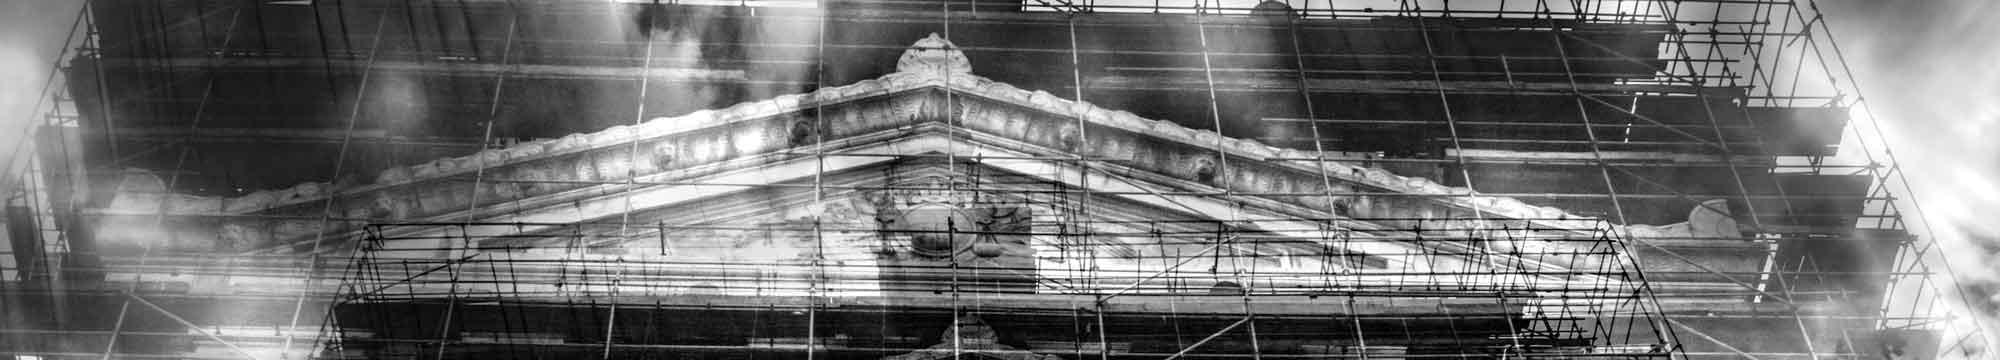 Double exposition, façade du palais de justice à Bruxelles, détail.